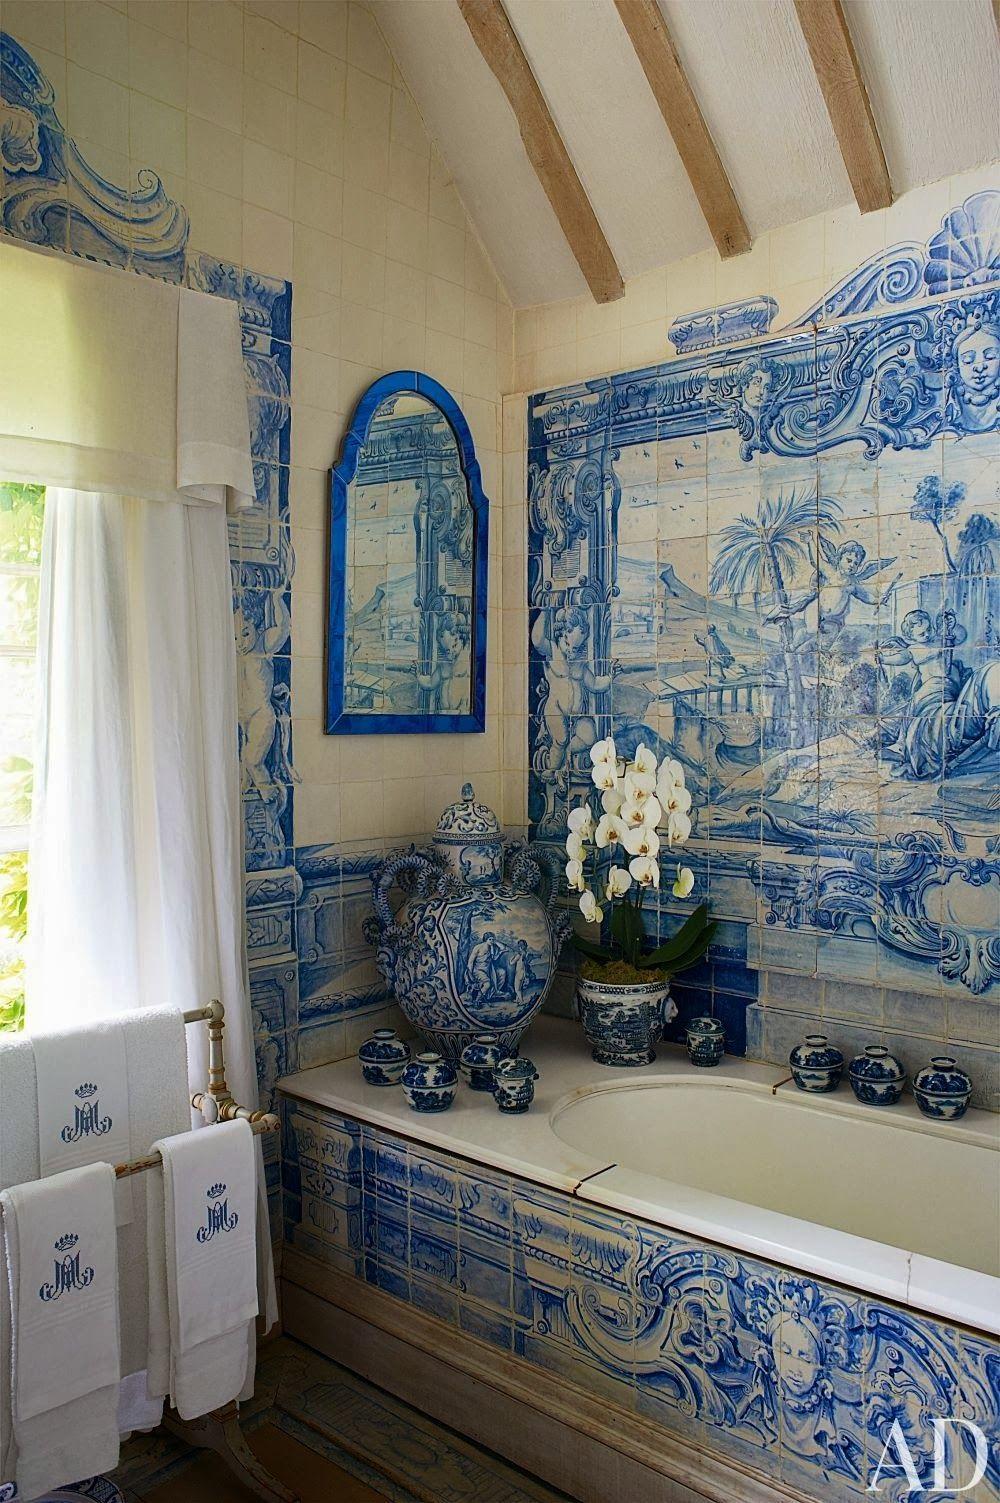 Azulejo portugu s eleg ncia e tradi o no ambiente ambientes decorados azulejos portugueses - Azulejos portugueses comprar ...